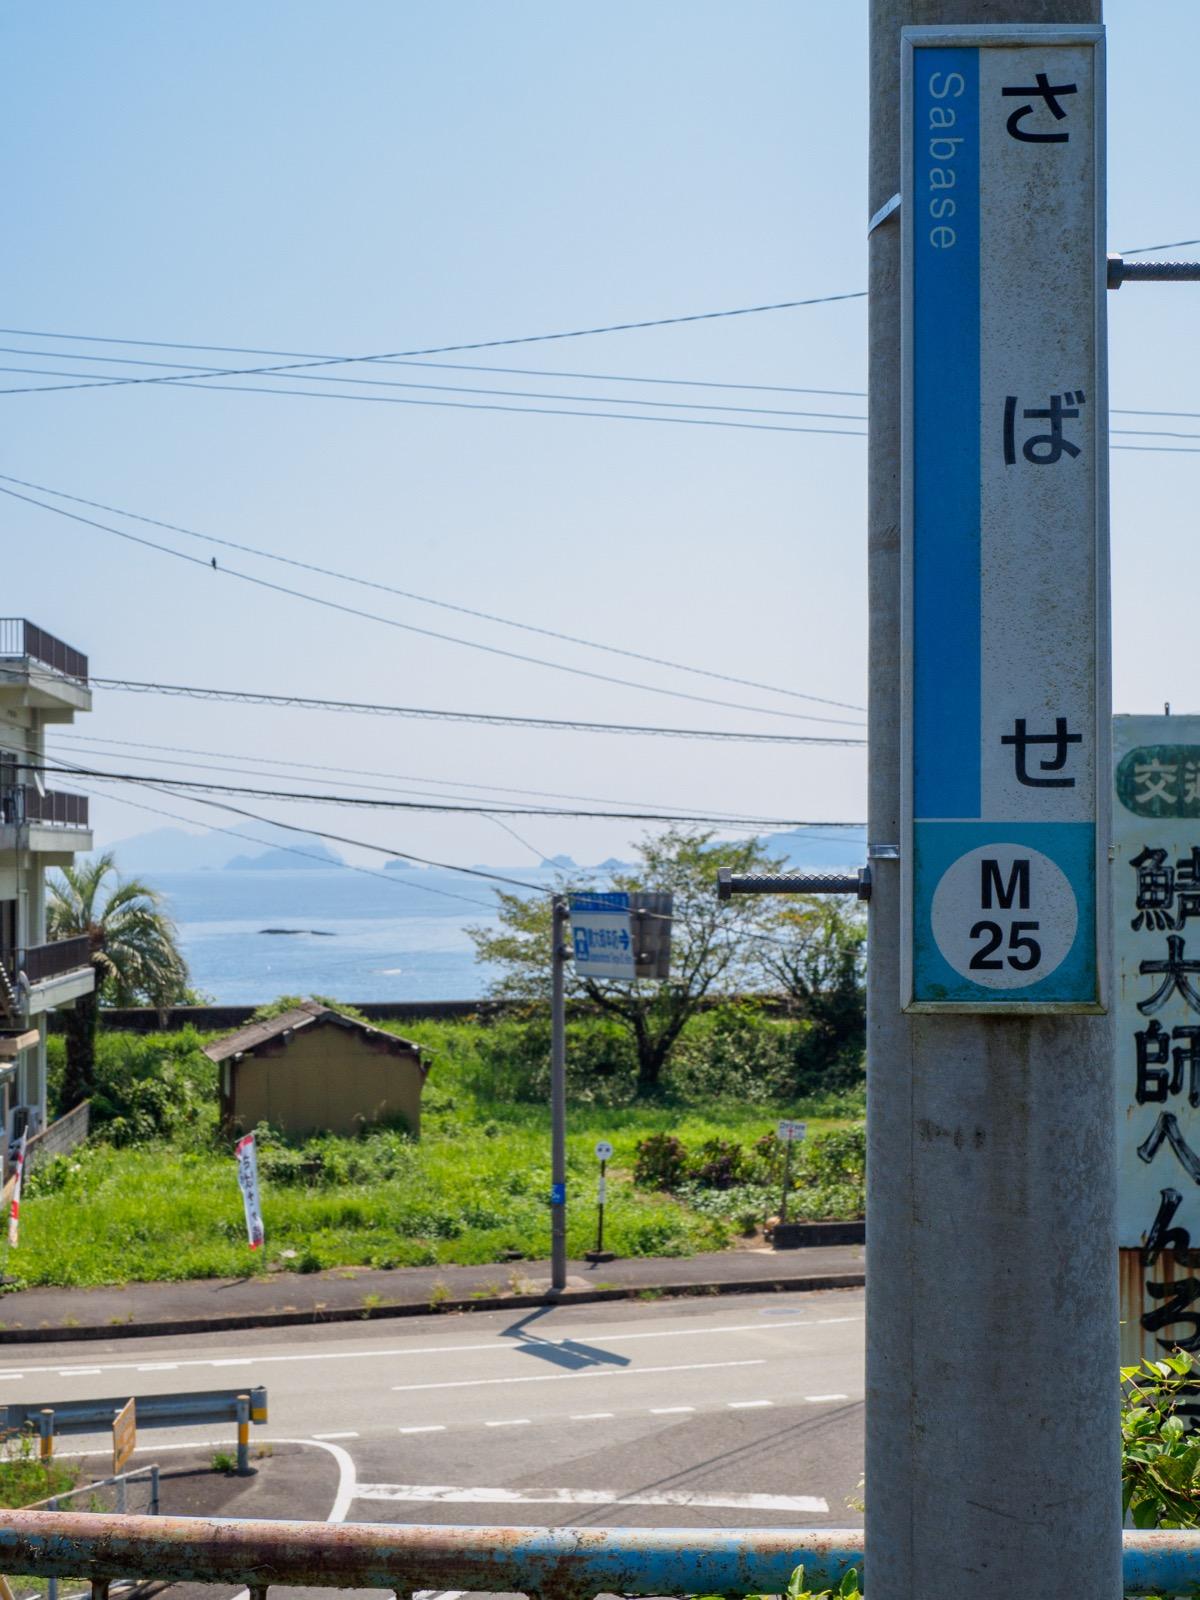 鯖瀬駅のホームから見た国道55号線と太平洋